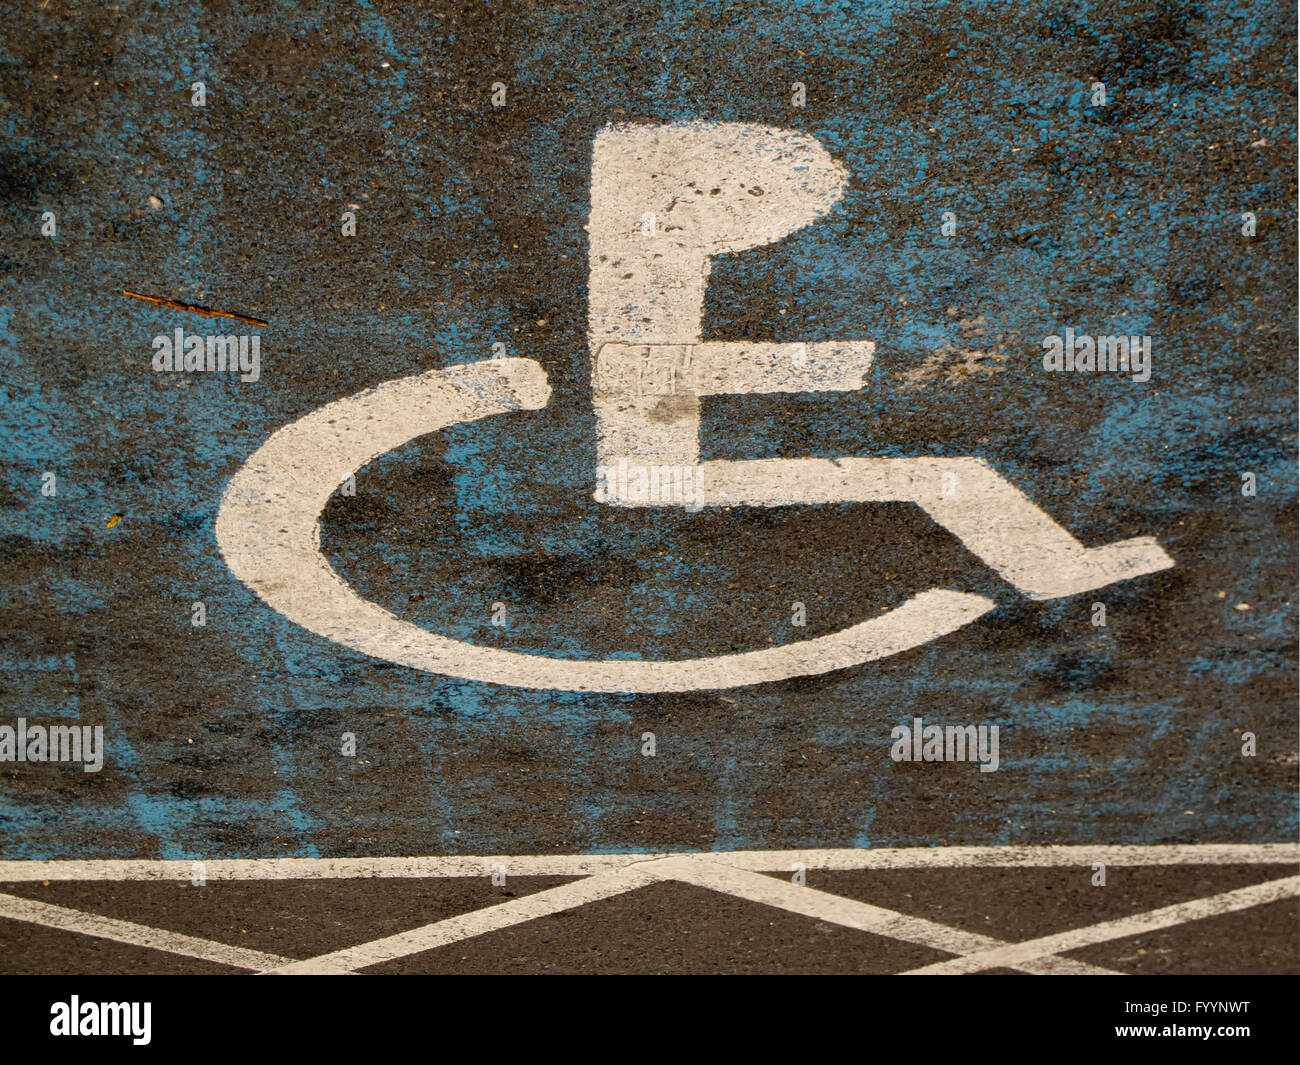 Behinderung, die Zeichen für Autofahrer mit Schraffuren Straße parken Stockbild